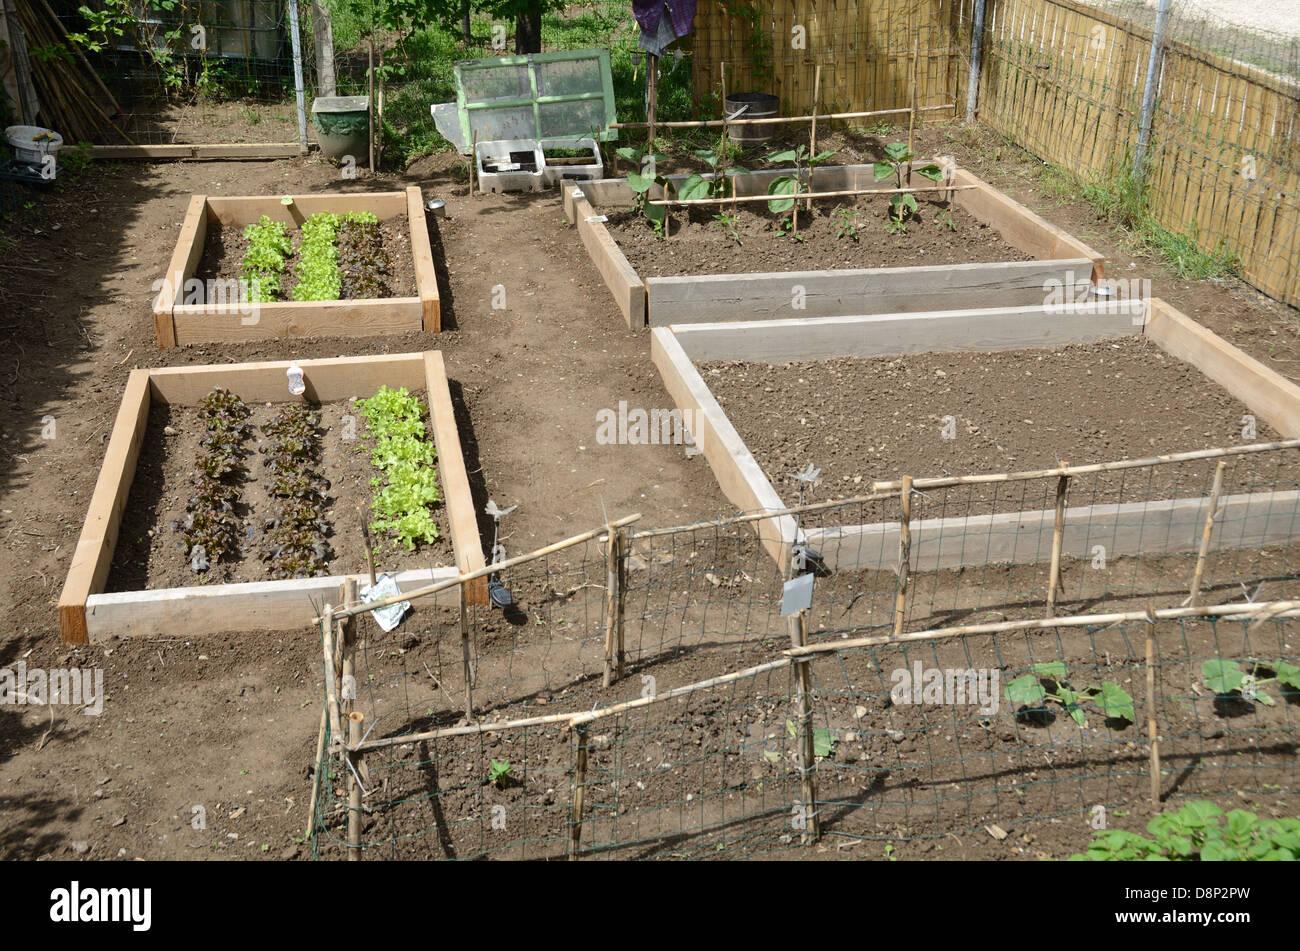 beds garden vegetable stock photos u0026 beds garden vegetable stock